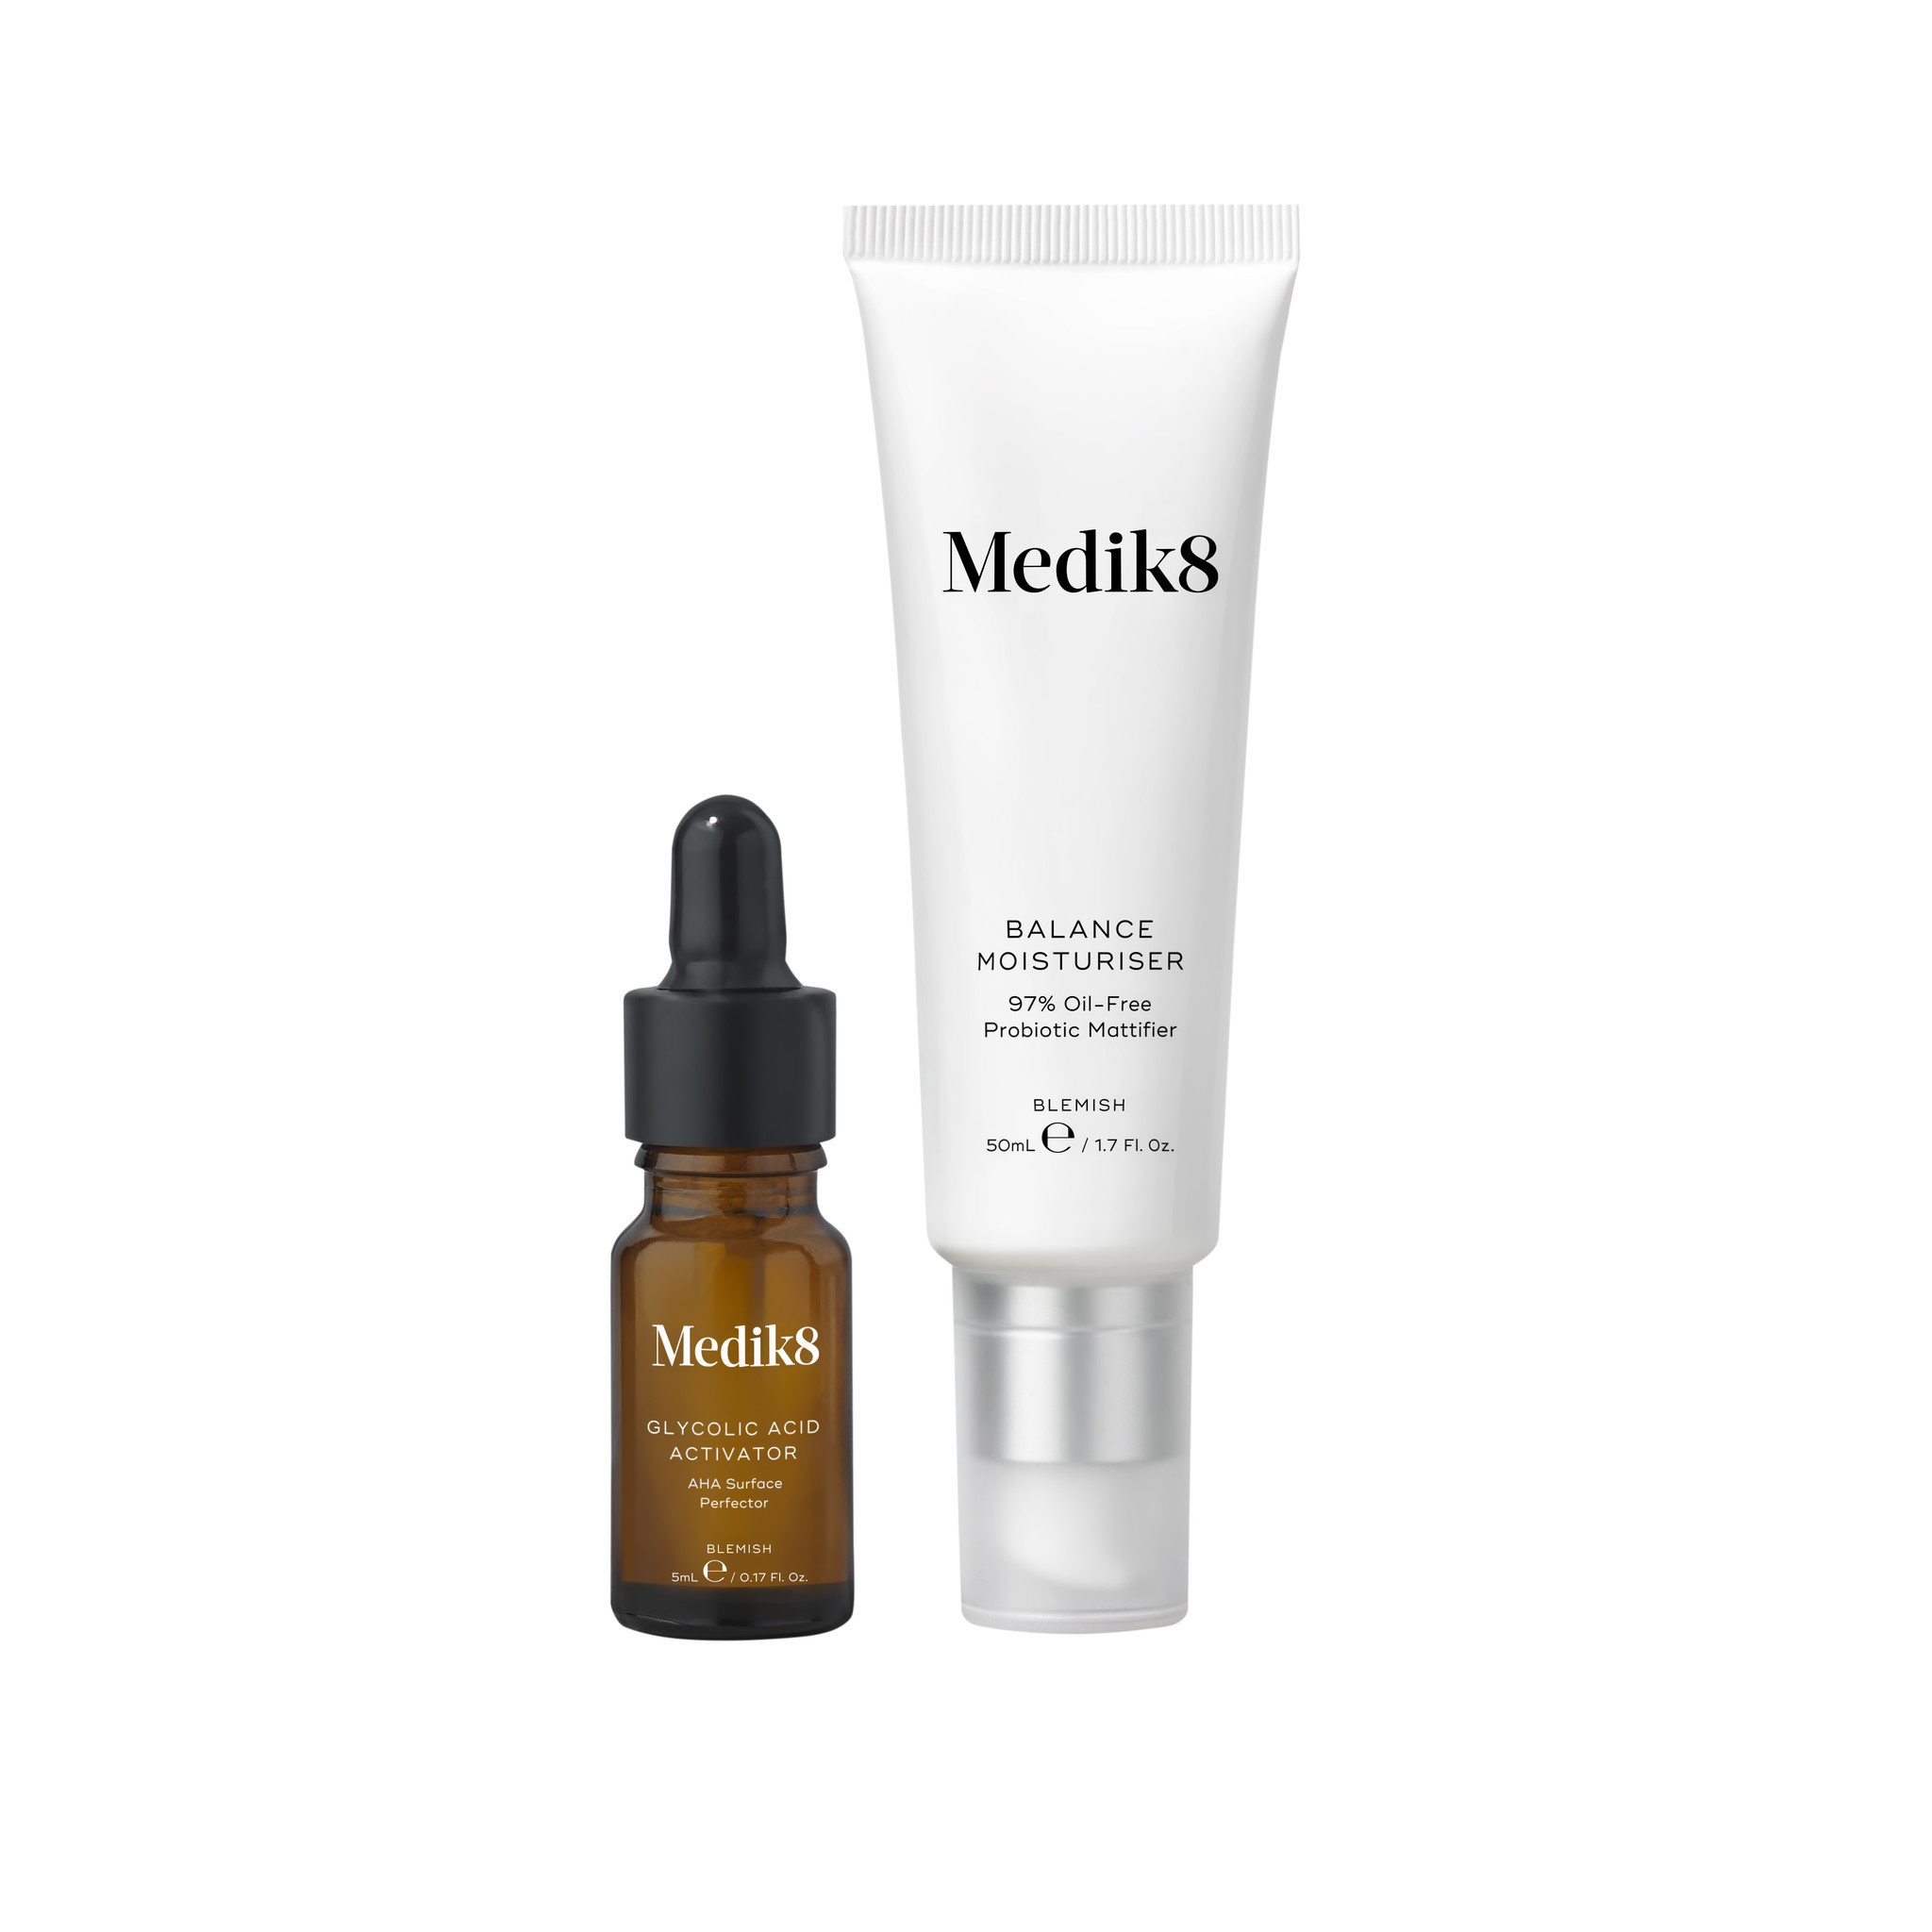 Medik8 Balance Moisturiser & Glycolic Acid Activator 50ml voor de vette, gecombineerde en acne huid